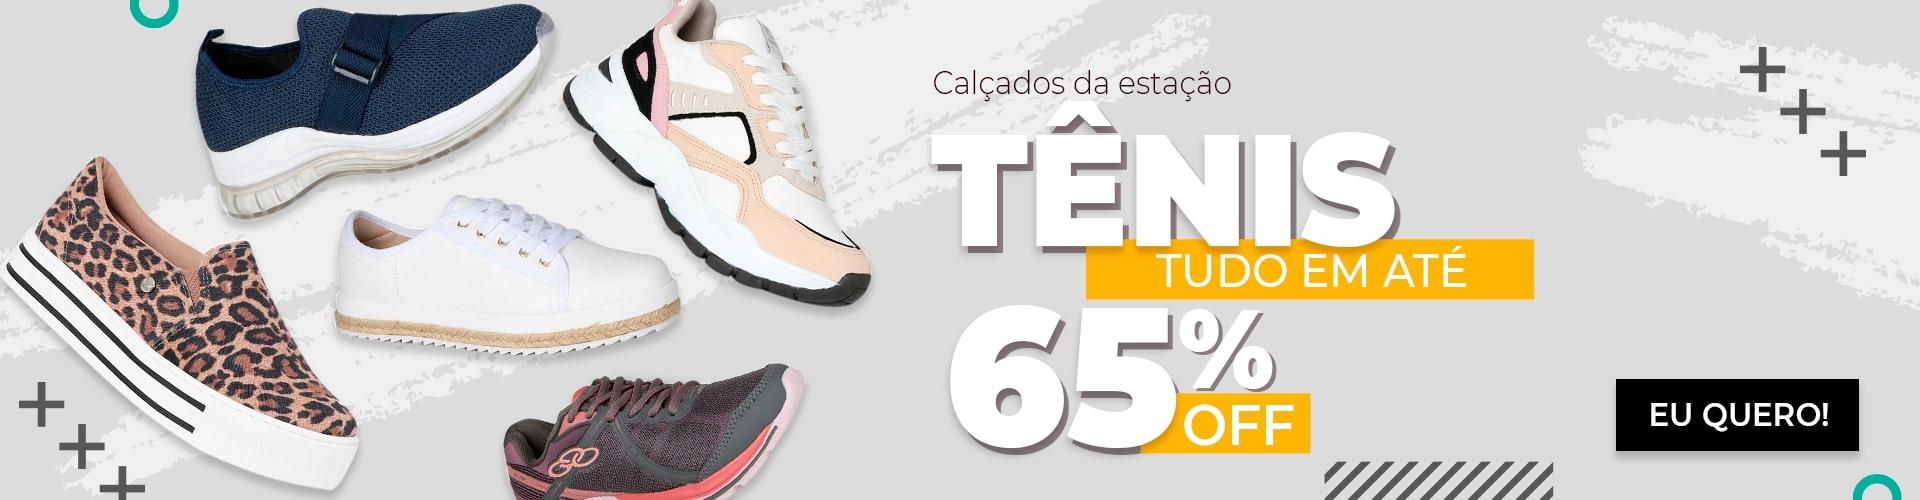 Calçados da estação: Tênis tudo com até 65% OFF